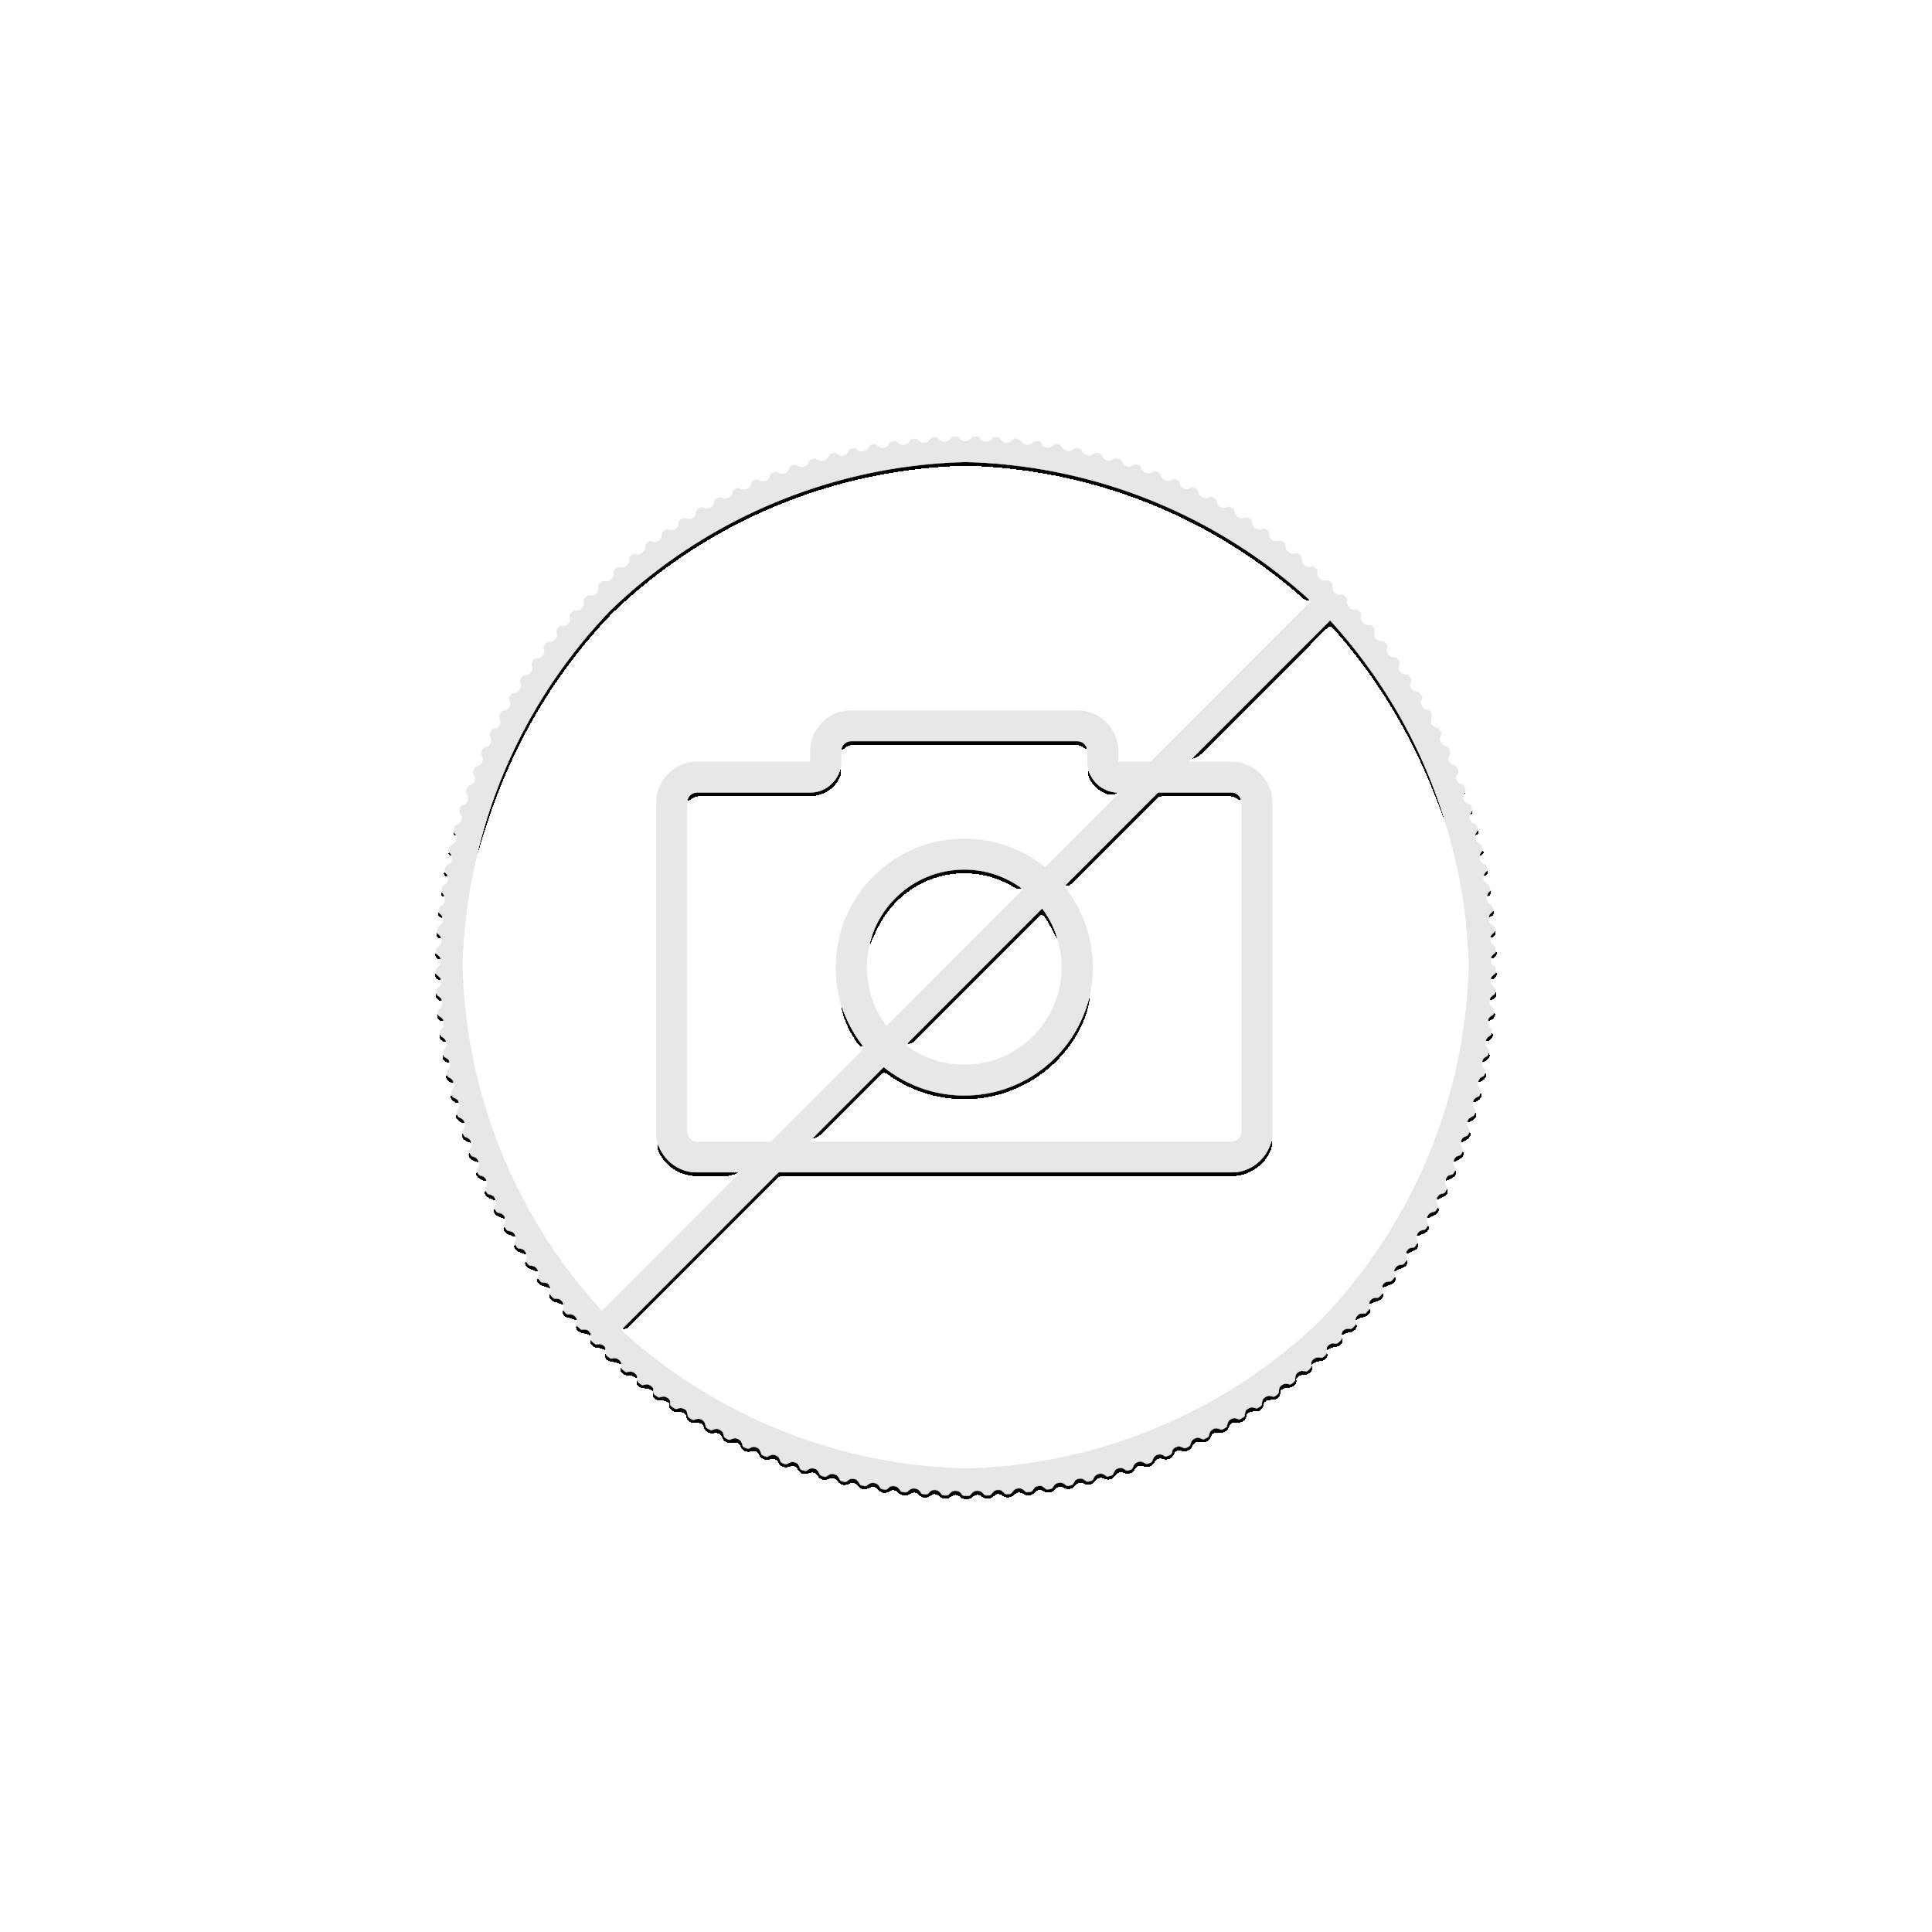 1 troy ounce zilveren Lunar munt 2018 - het jaar van de hond